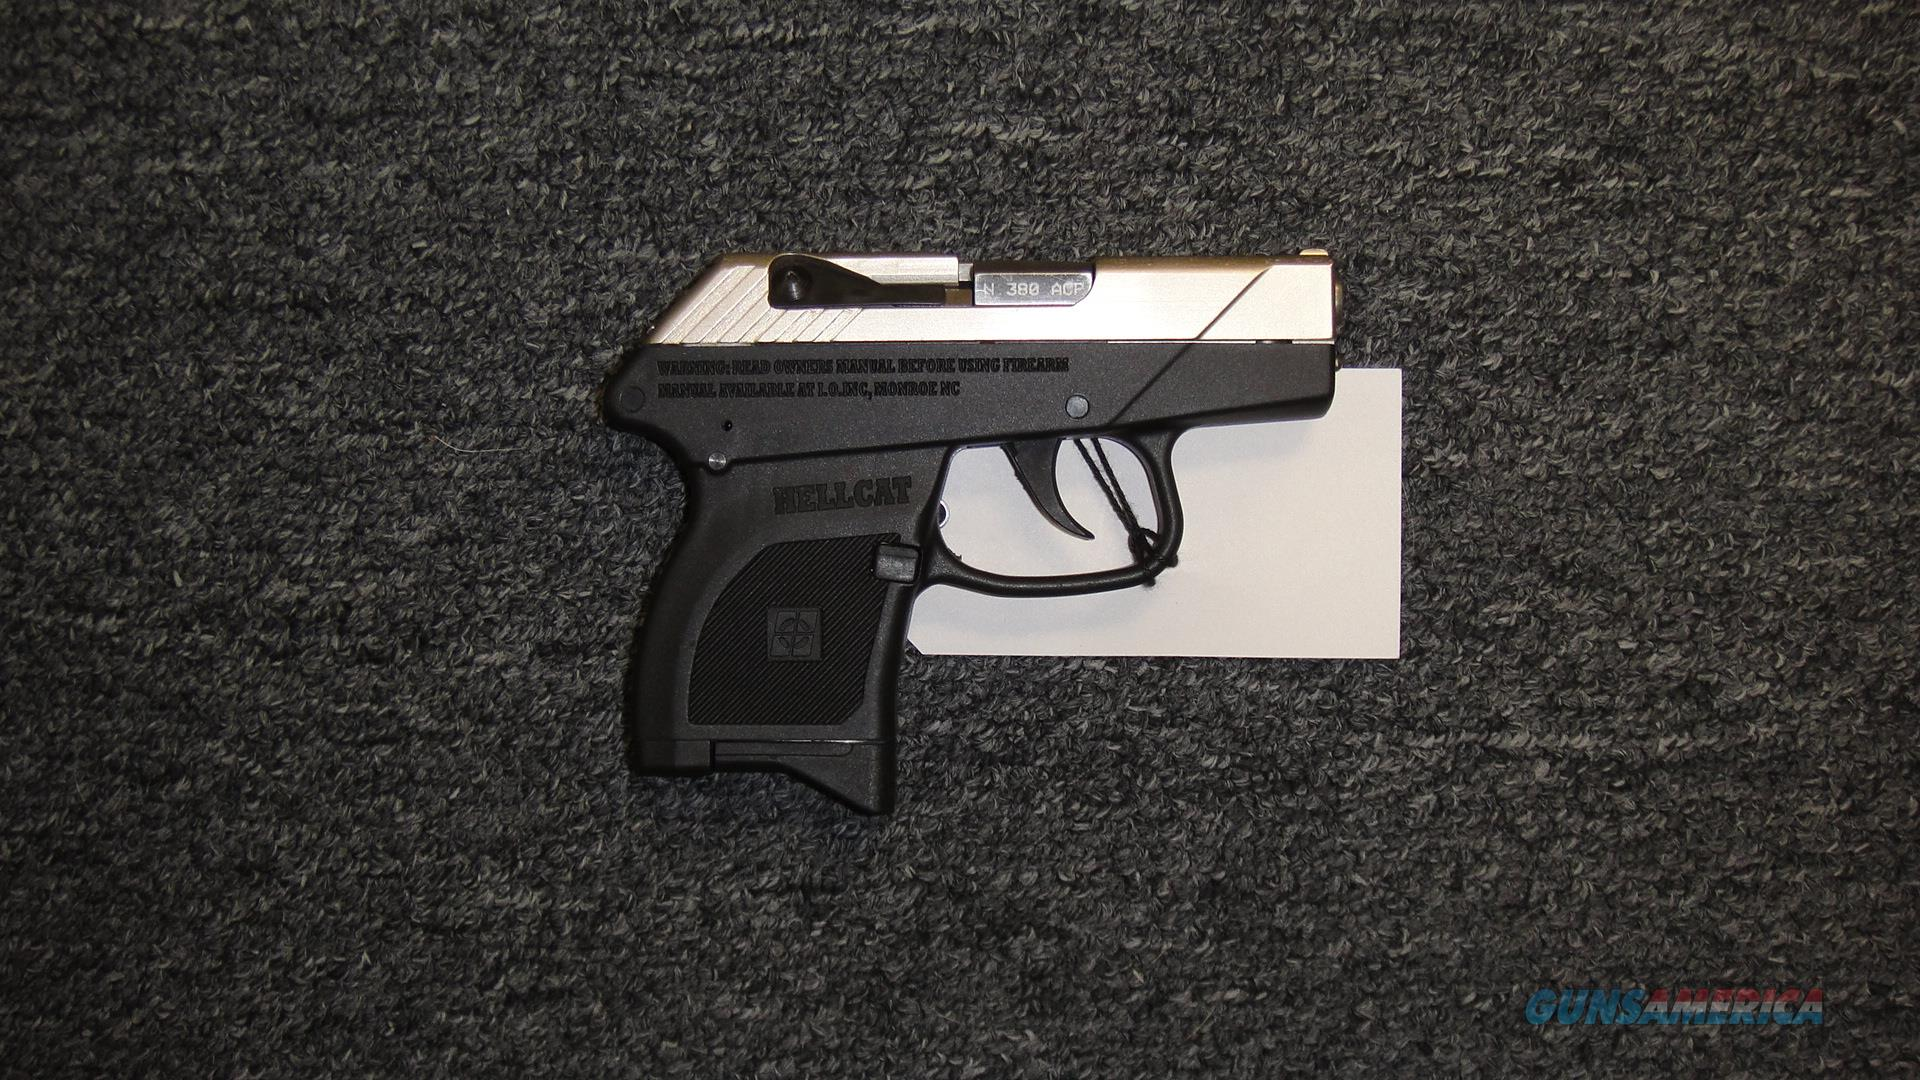 I.O. Inc Hellcat .380ACP (used)  Guns > Pistols > IJ Misc Pistols